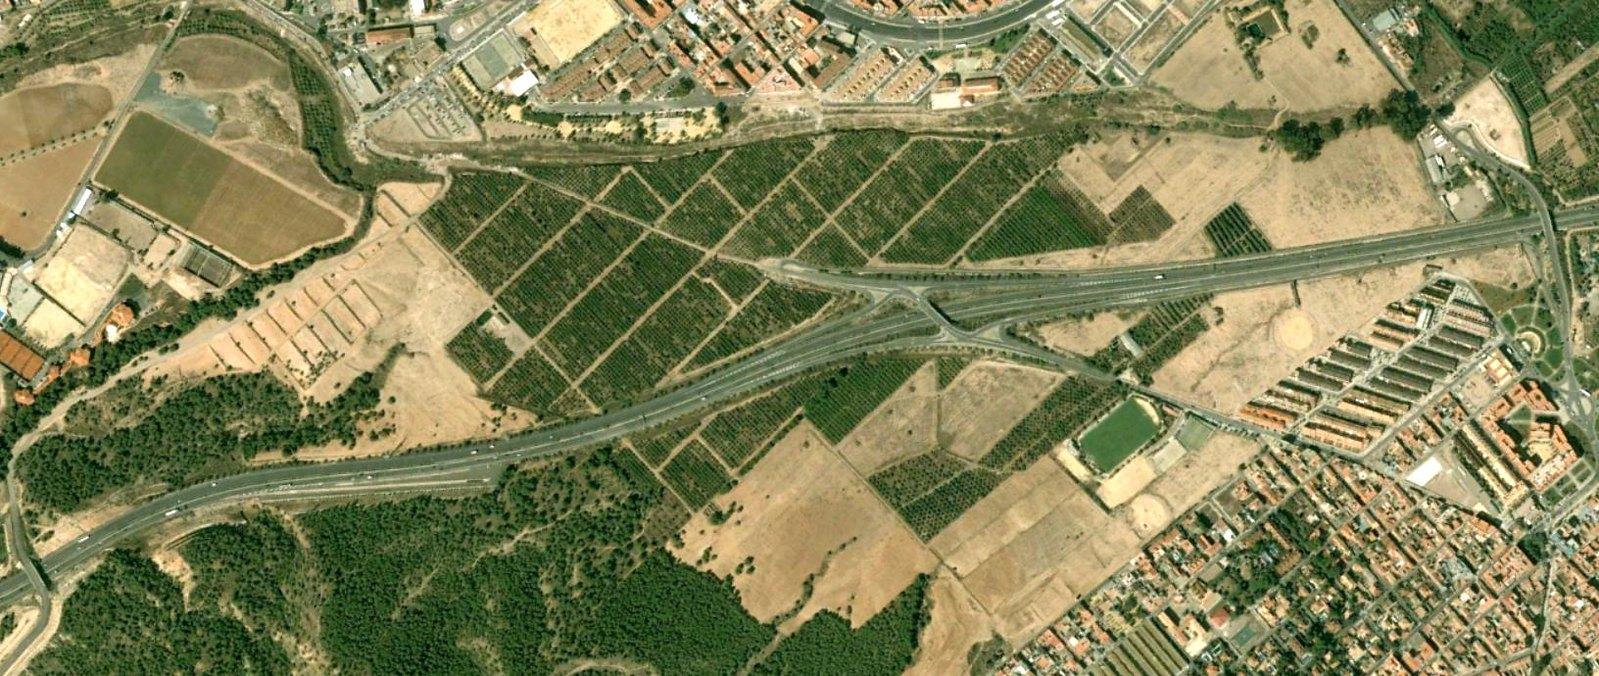 el palmar, la alberca, murcia, doble tanto de rotonda, antes, urbanismo, planeamiento, urbano, desastre, urbanístico, construcción